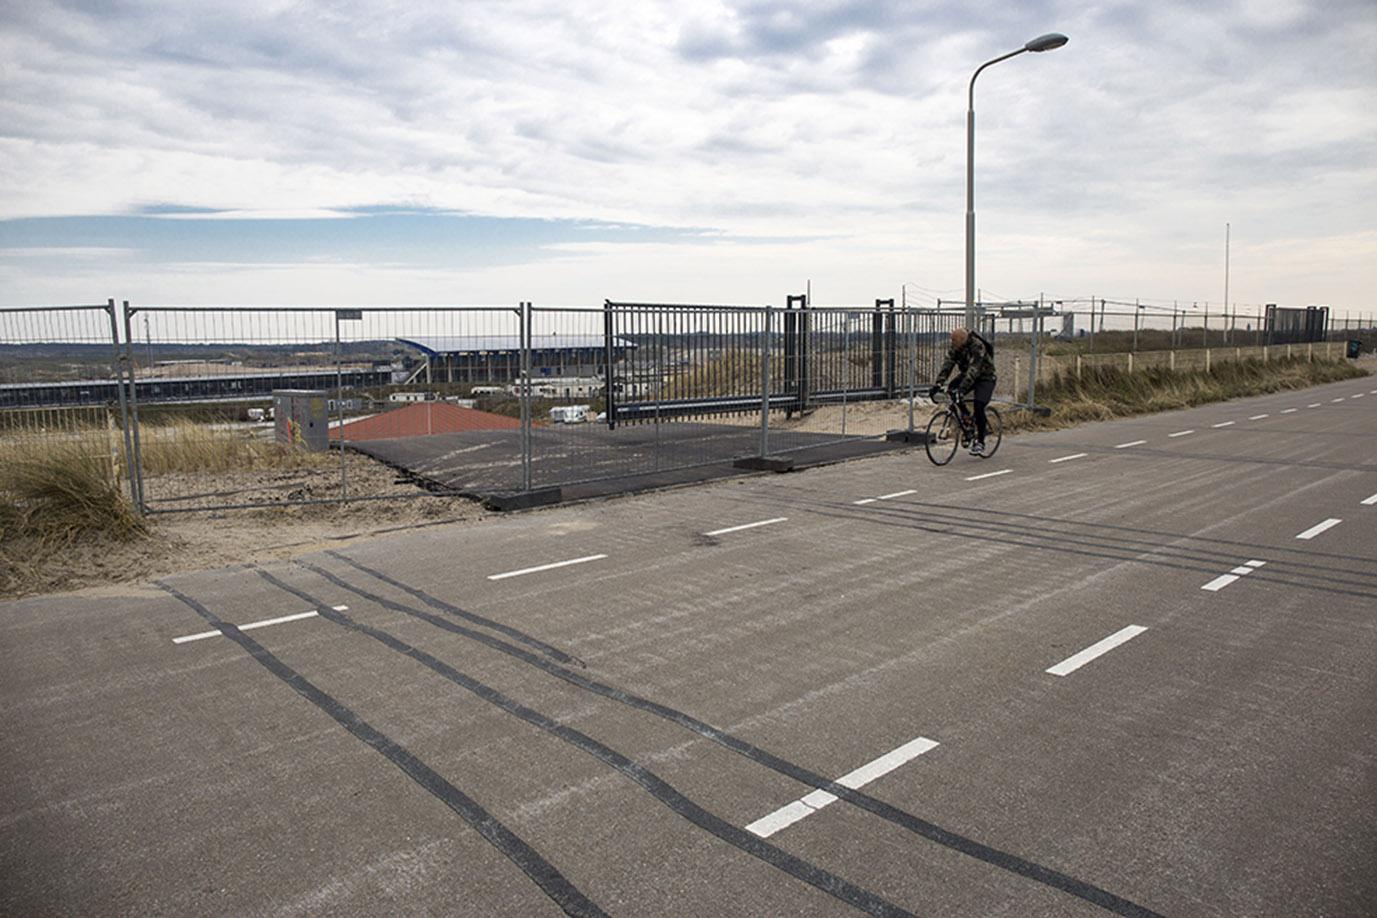 Nu ook herrie in Zandvoortse politiek om extra weg Circuit Zandvoort